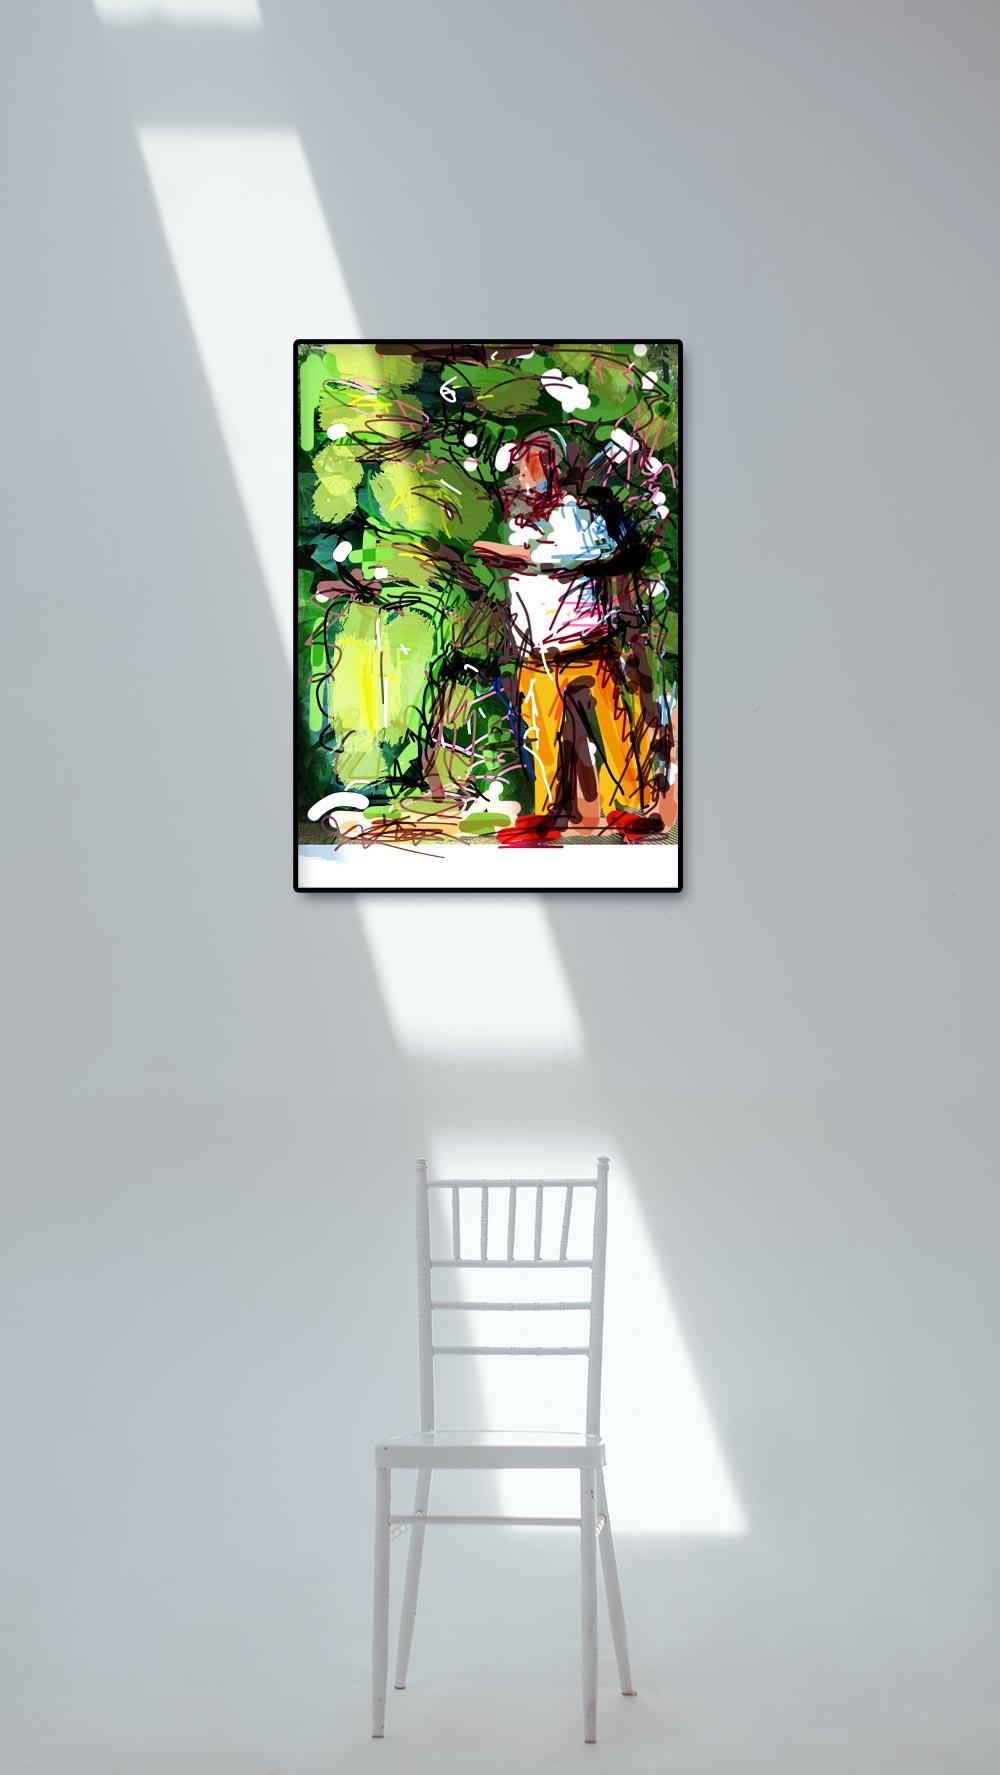 mongi-higggs-kew-edition-70mal100cm-giclee-print-artist-kuenstler-konsum163-modern-art-gallery-roomed